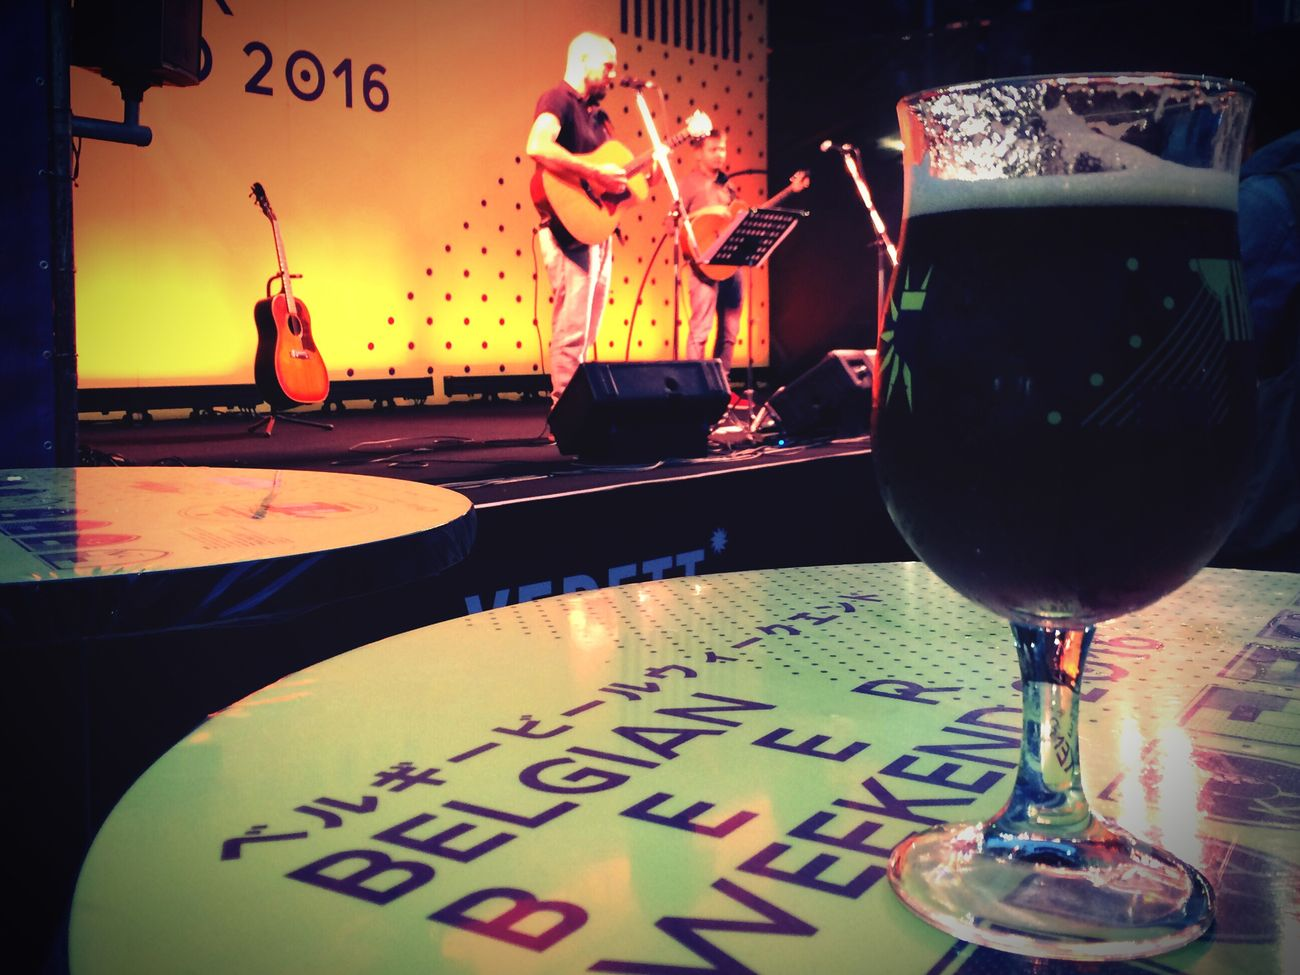 Belgian  Beer Weekend Belgianbeerwewkend Liefmans Blanchebenamurrosee Belgianbeers Sapporo Odori Park Music